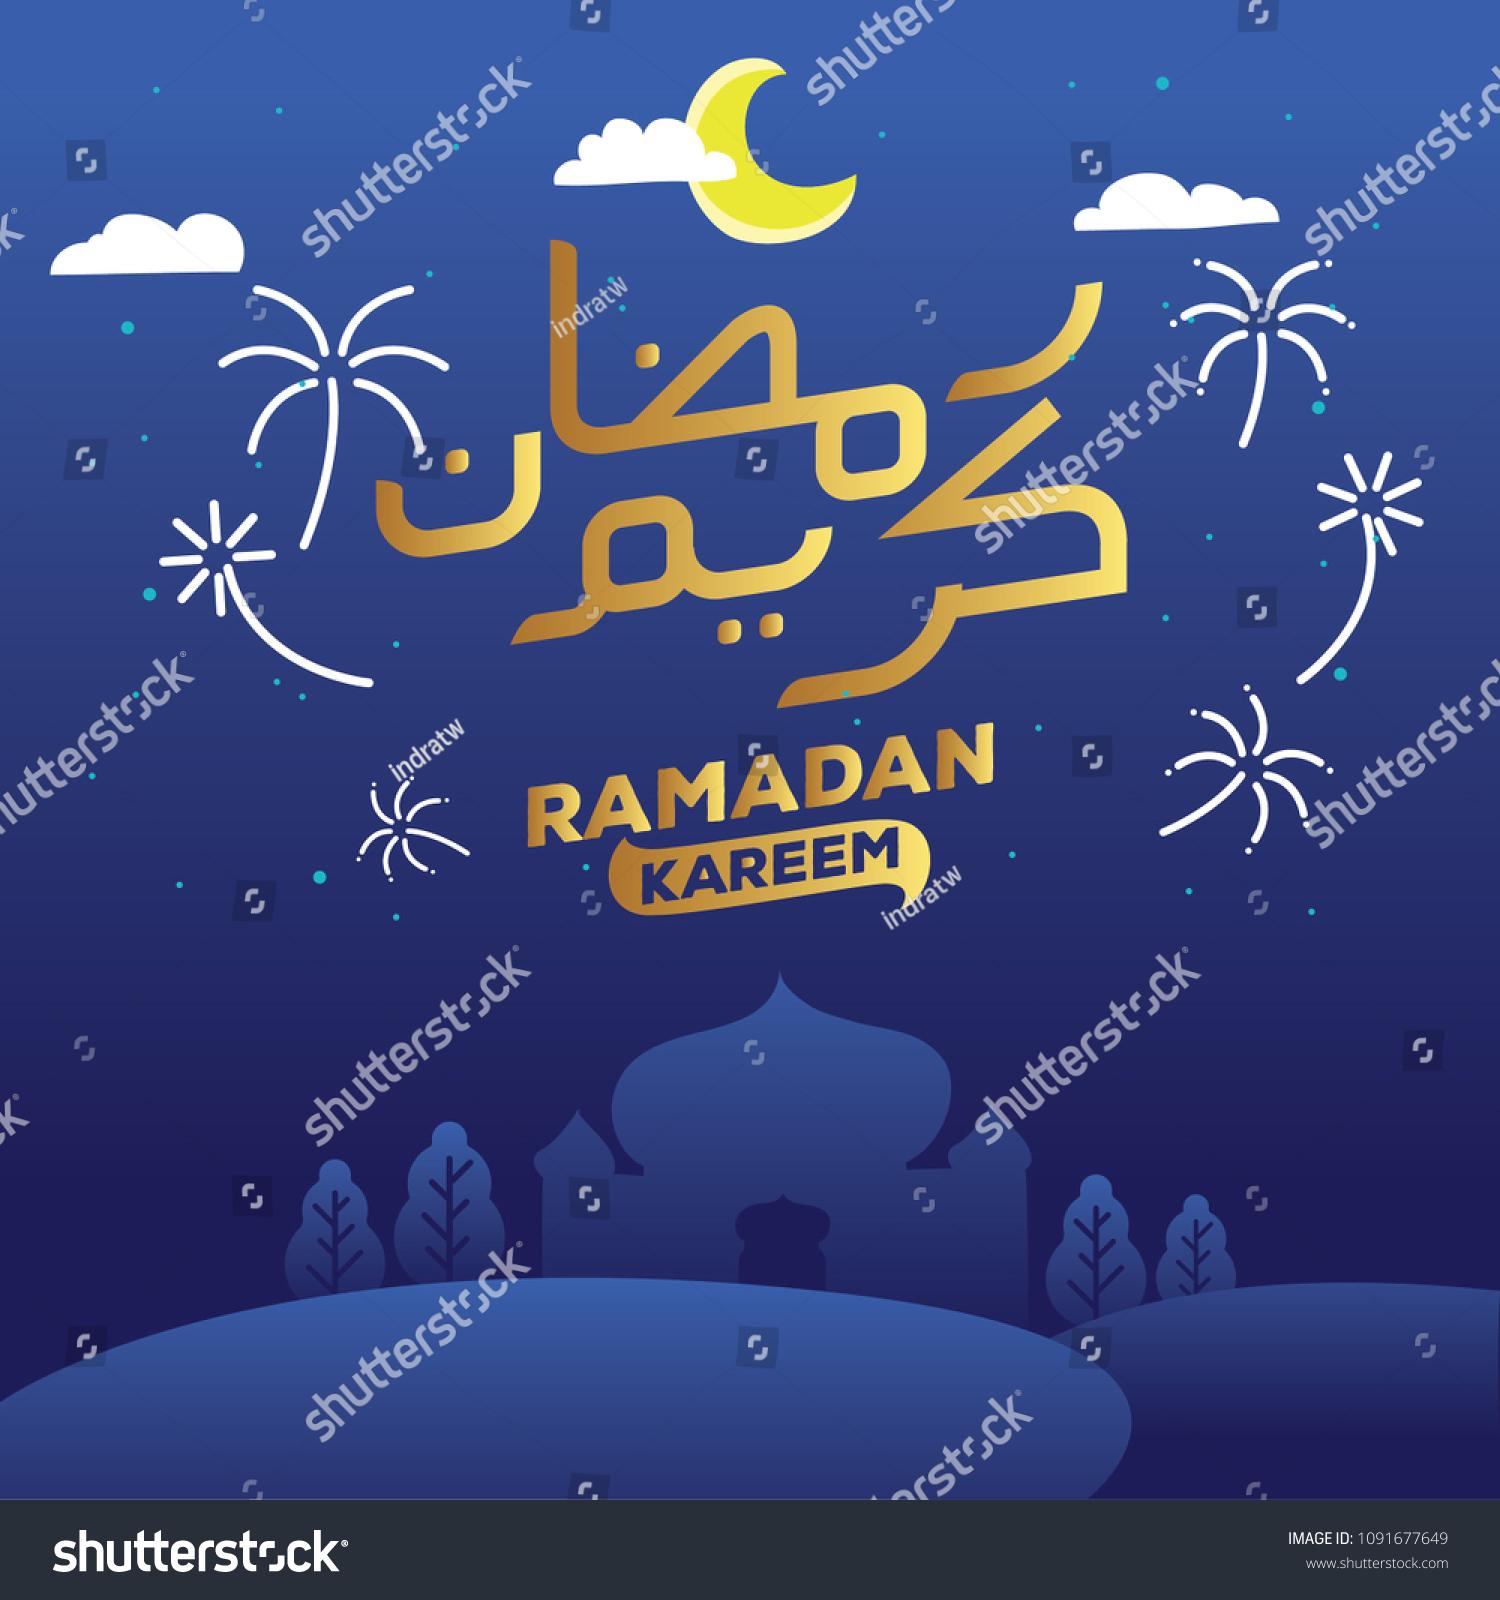 Vector Ramadan Kareem Greeting Card Ramadan Stock Vector 1091677649